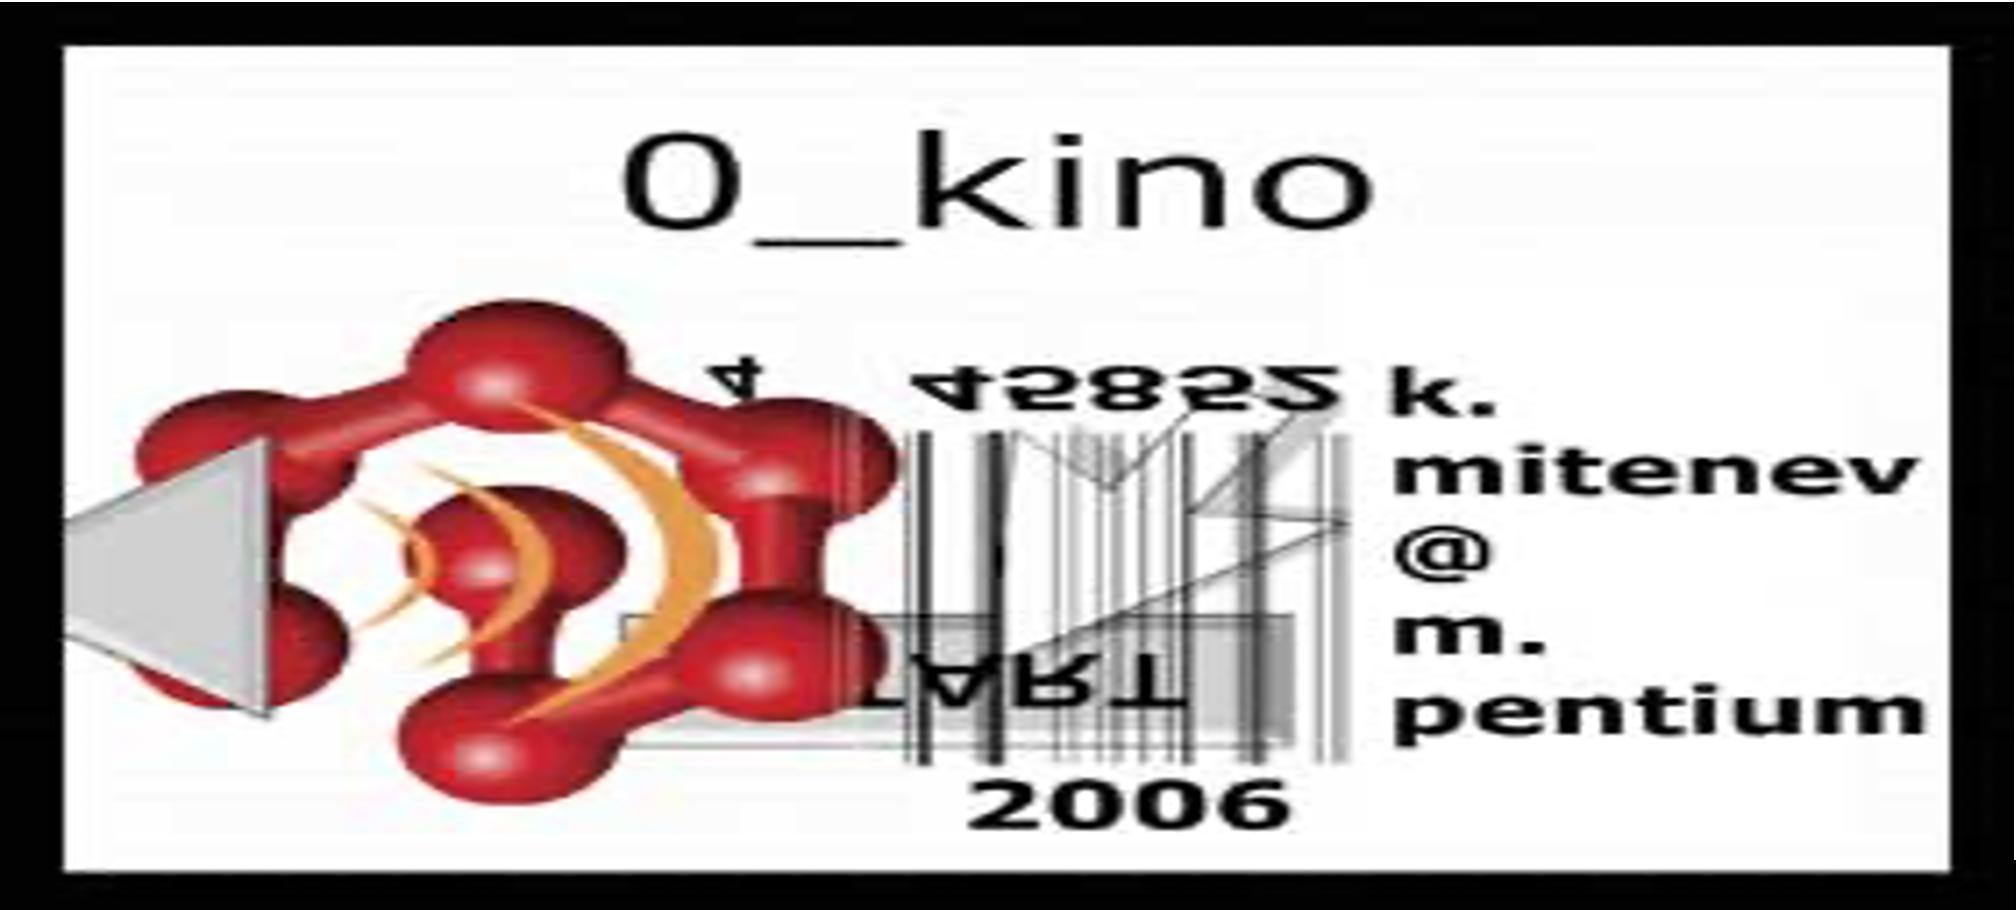 Kino Zero